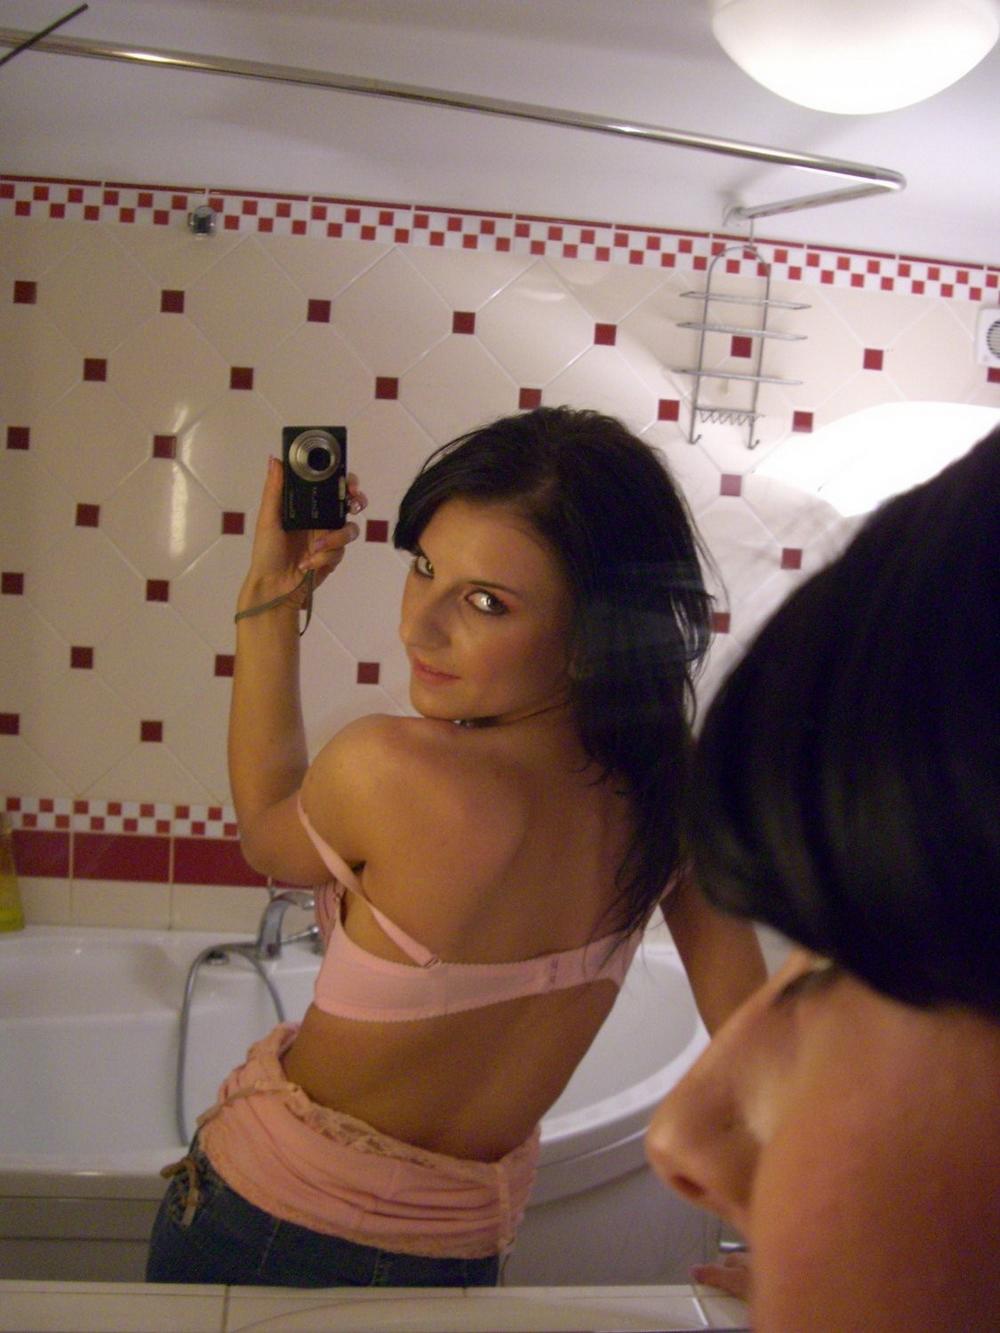 Милая брюнетка фотографирует себя голышом перед зеркалом